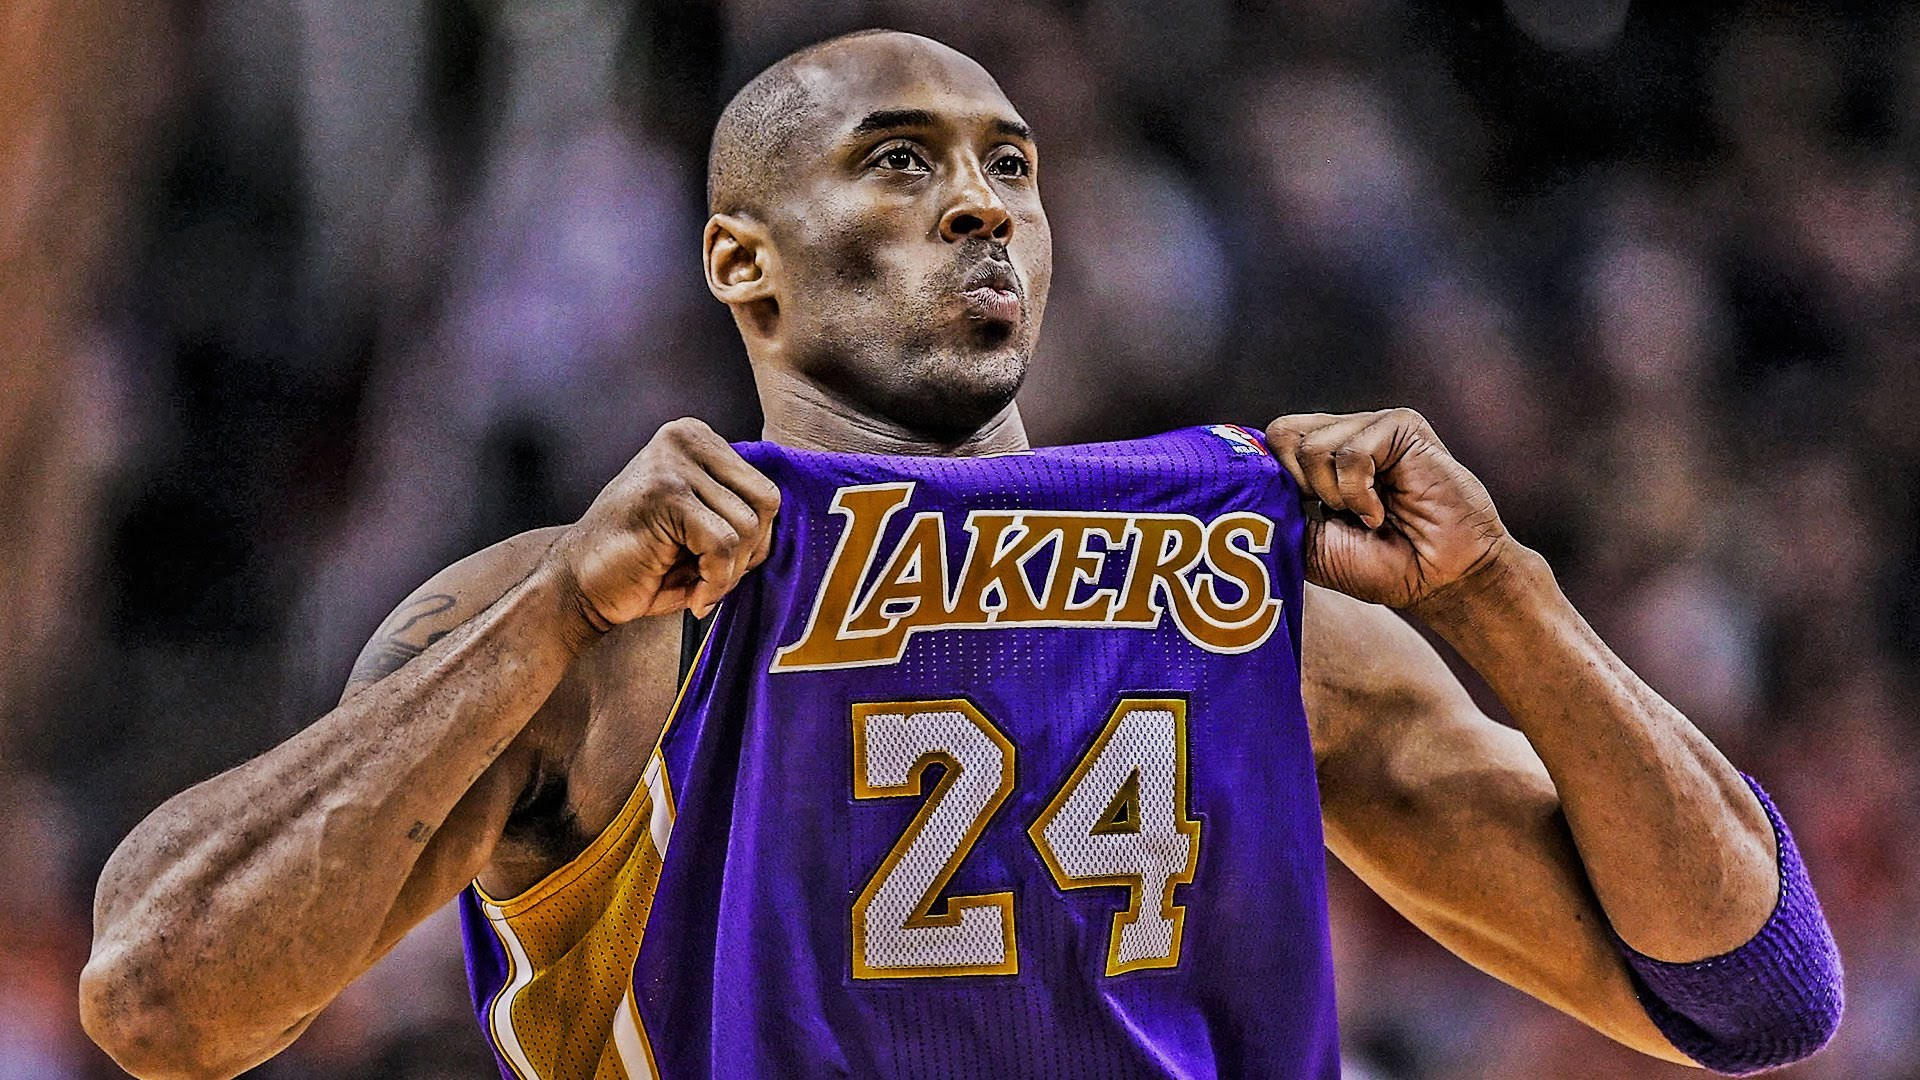 Kobe Bryant Background images